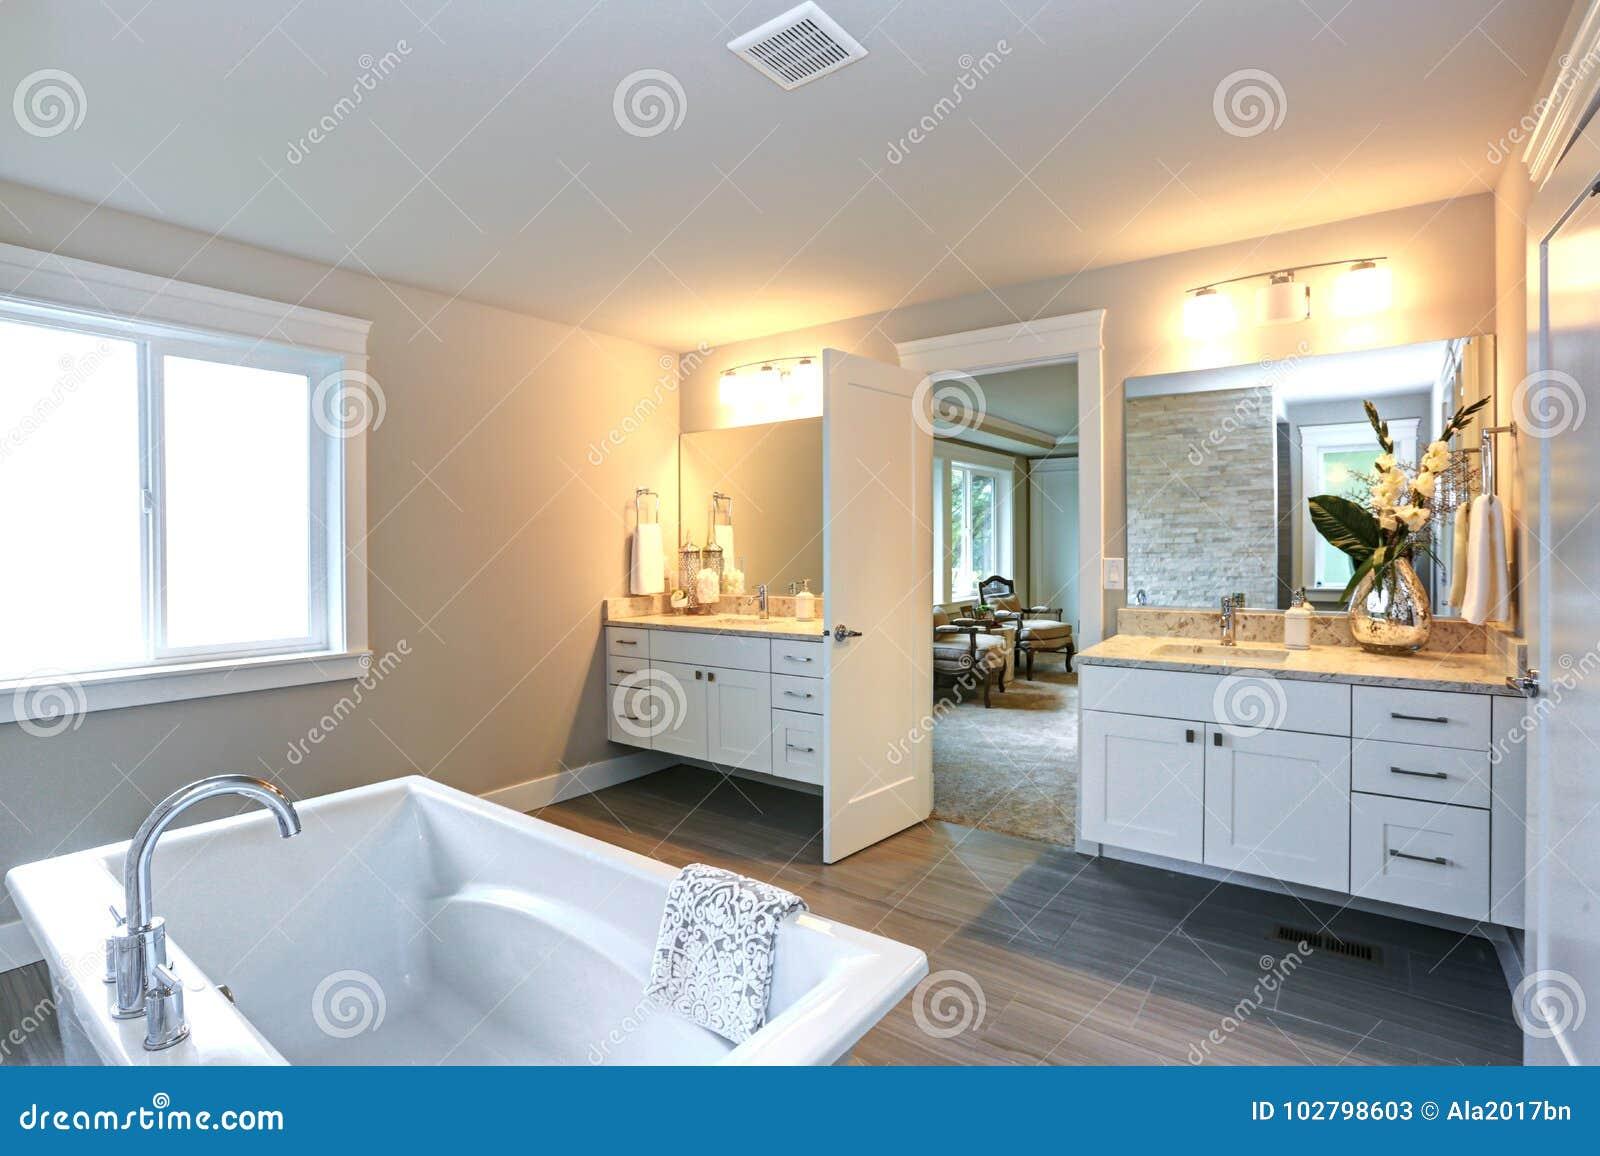 Amazing Master Bathroom With Two Bathroom Vanities Stock Image Image Of Mirror Luxury 102798603